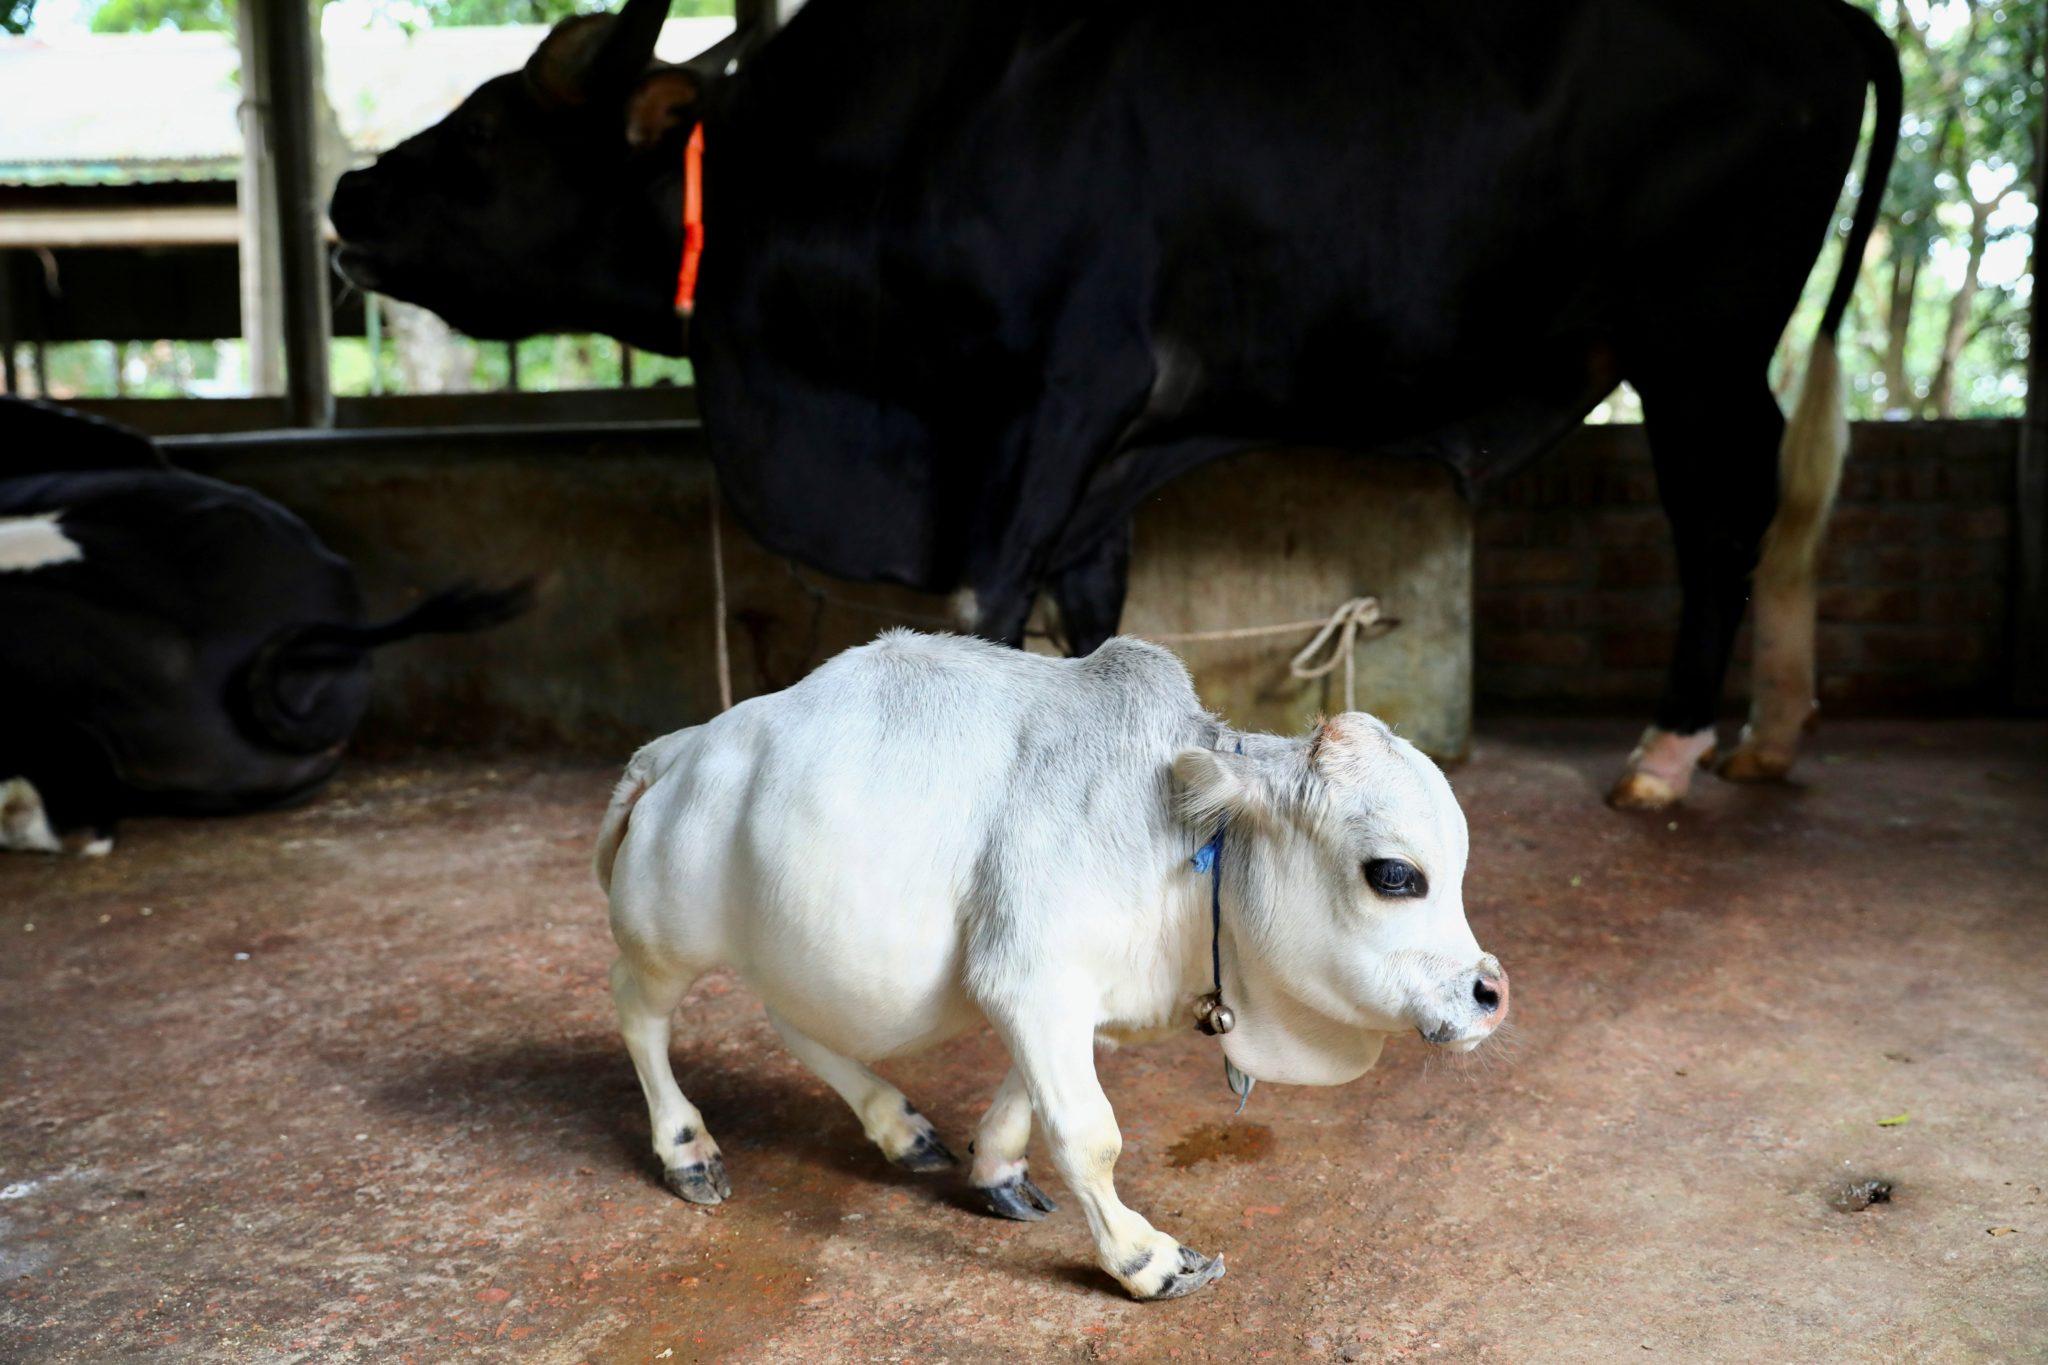 vaca nanismo menor do mundo guinness